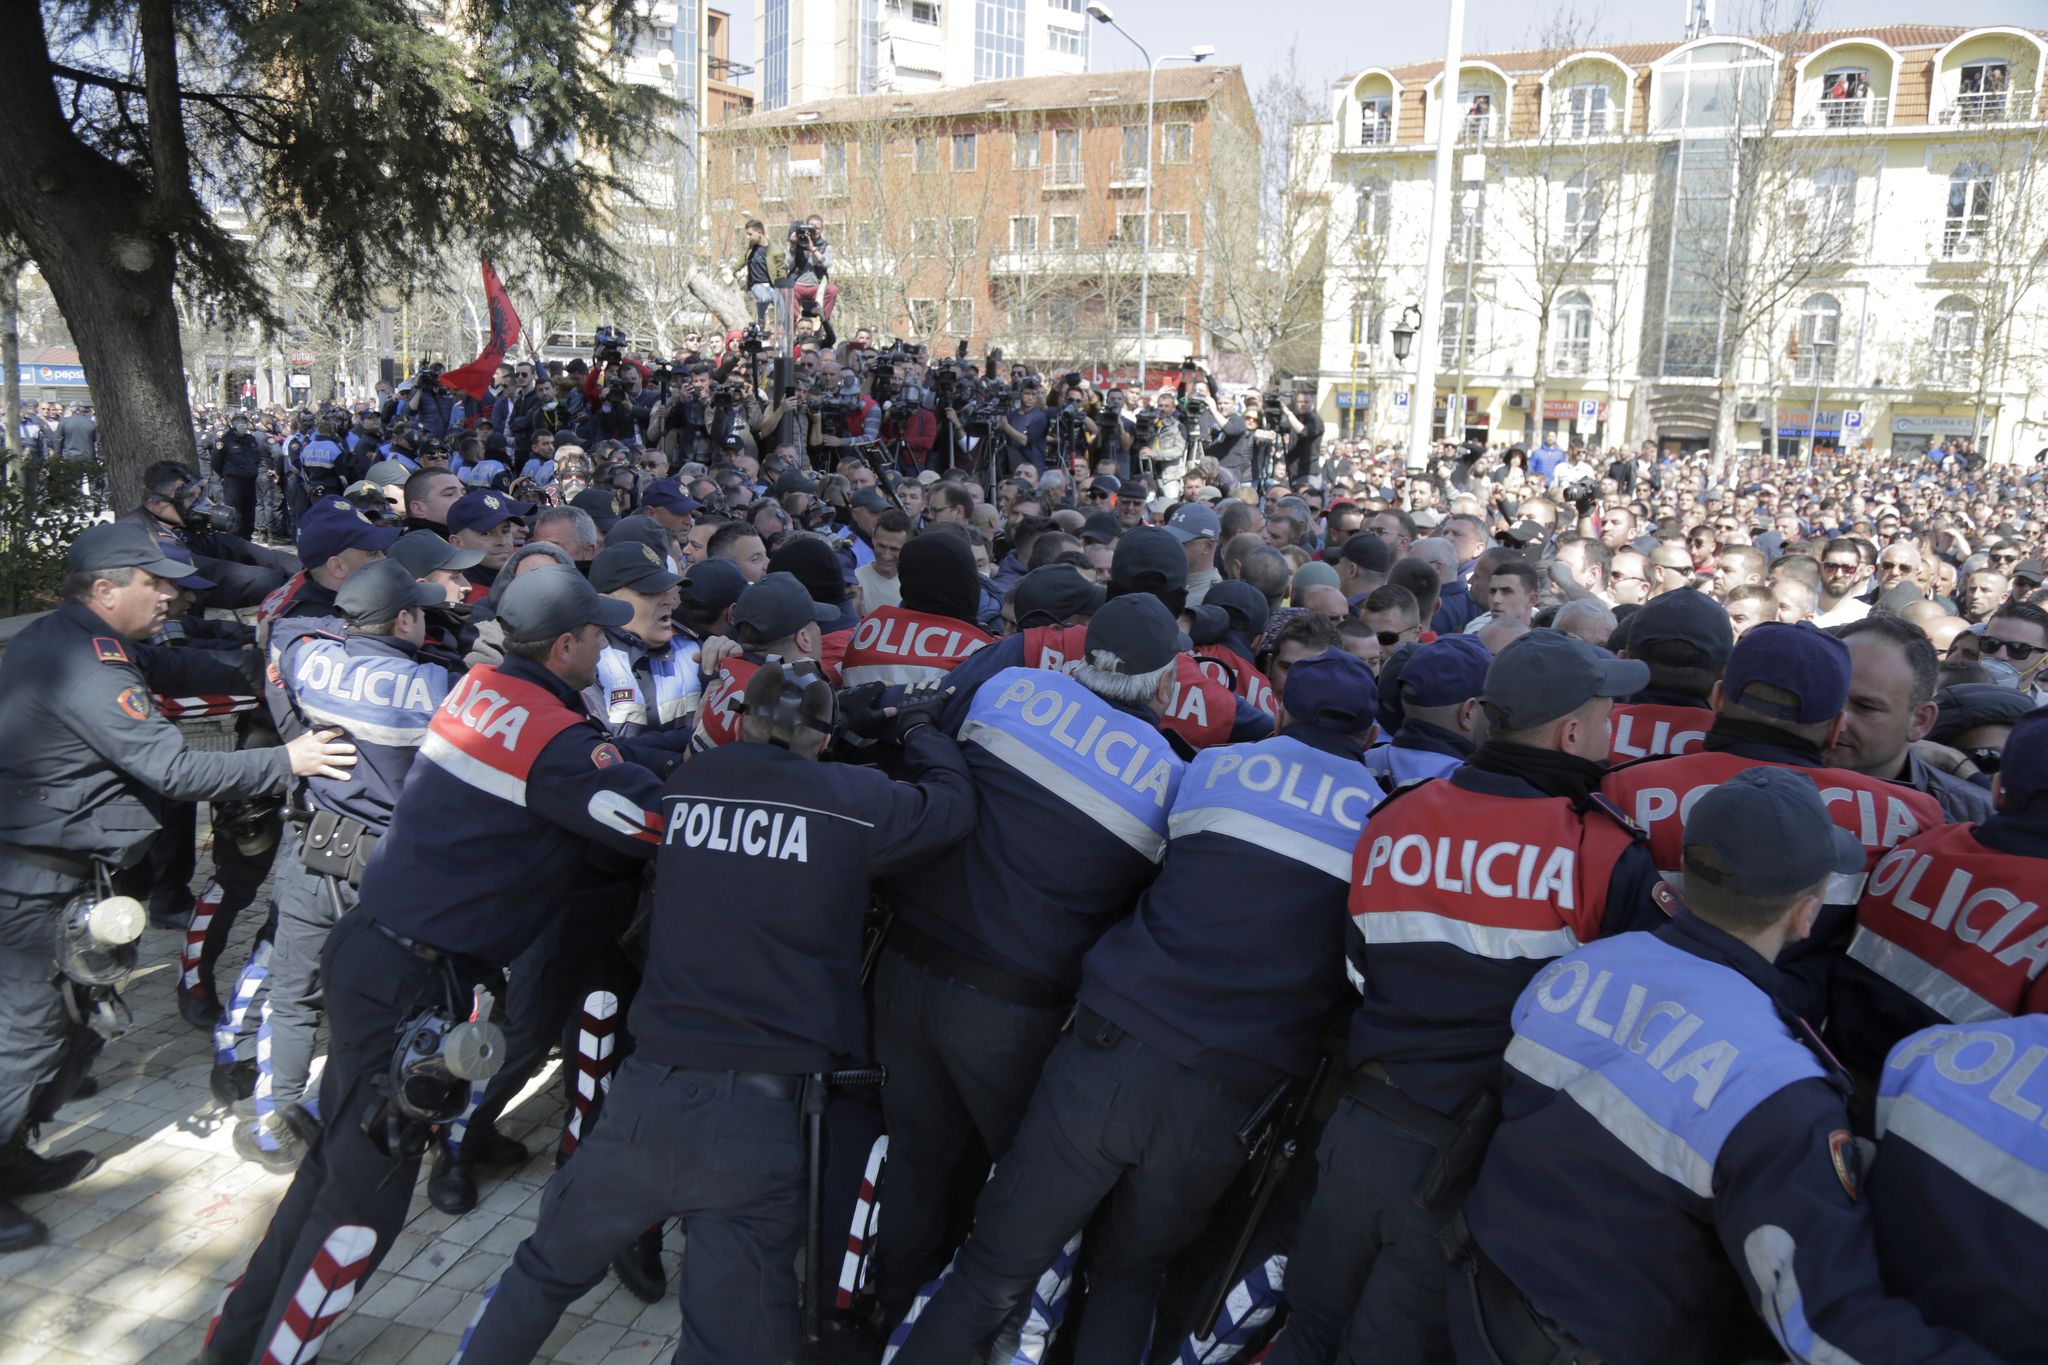 지난 3월 21일 티아나 광장에서 열린 반정부 시위에서 경찰들과 시위대가 충돌하고 있다. [EPA=연합뉴스]